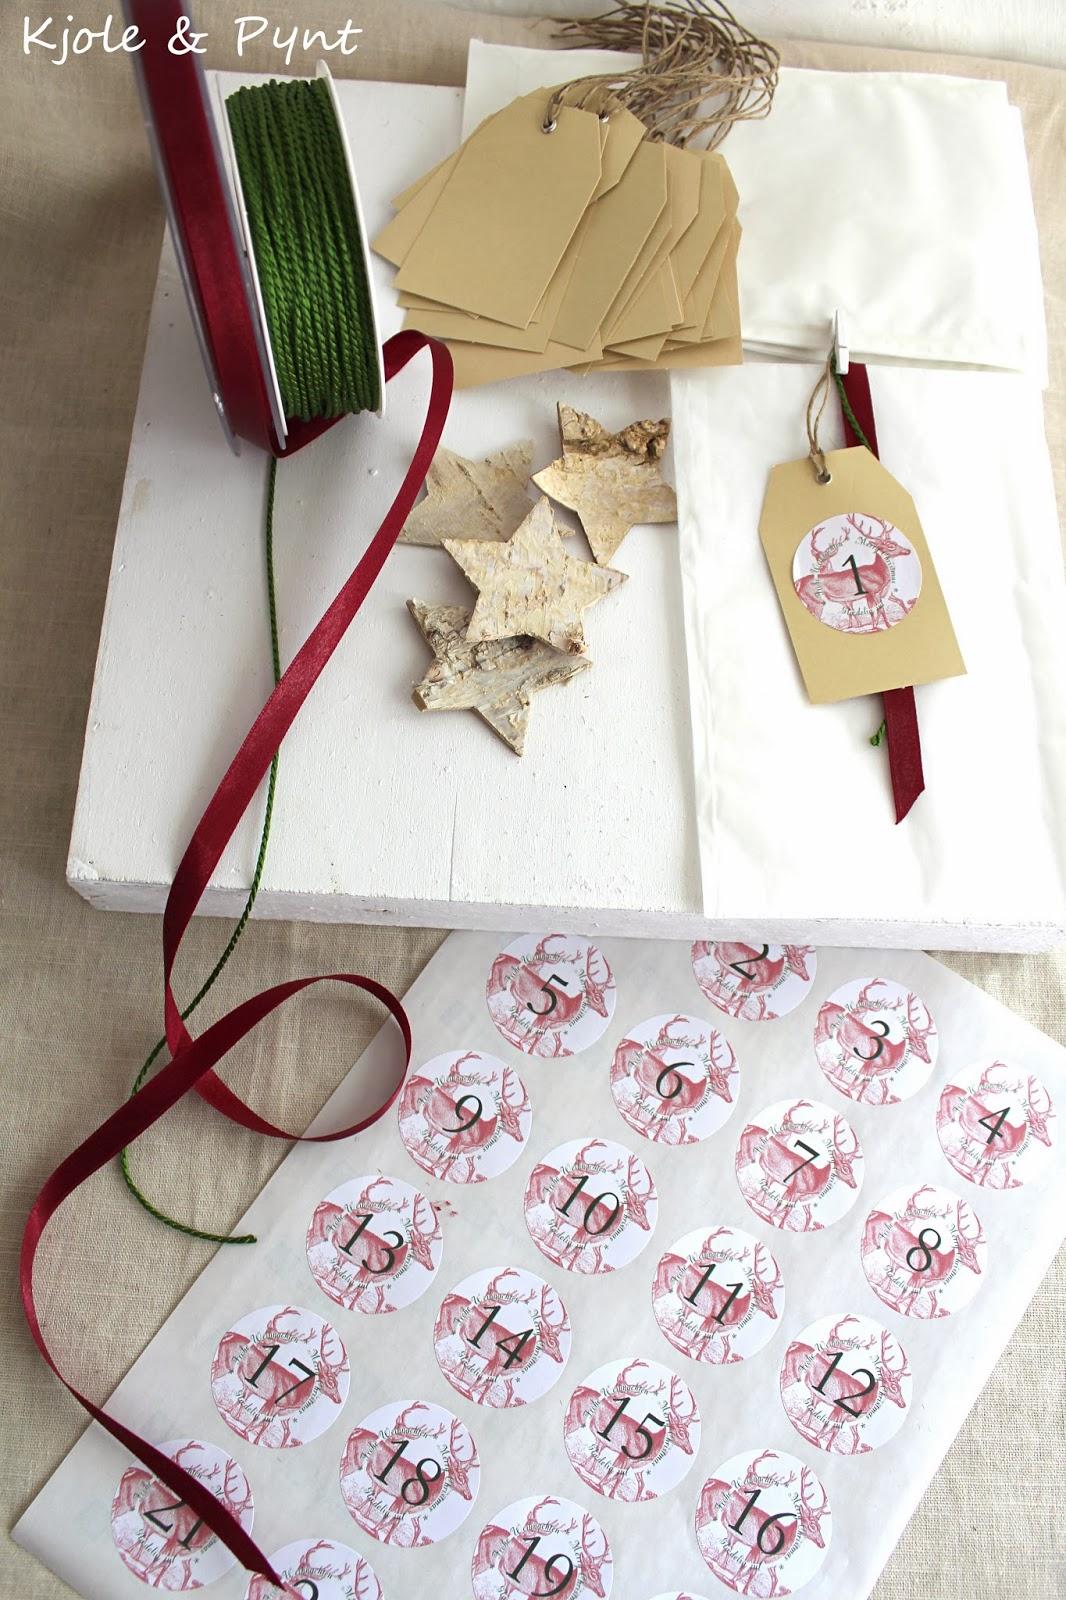 seidenfeins blog vom sch nen landleben auf den letzten dr cker adventskalender diy. Black Bedroom Furniture Sets. Home Design Ideas